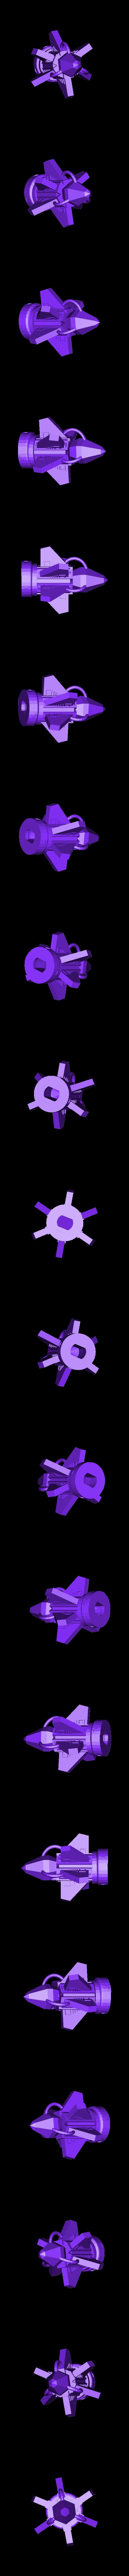 Head2.stl Télécharger fichier STL gratuit Dr Who Sonic Driver Builder Kit de constructeur de pilote sonique • Objet à imprimer en 3D, Chanrasp